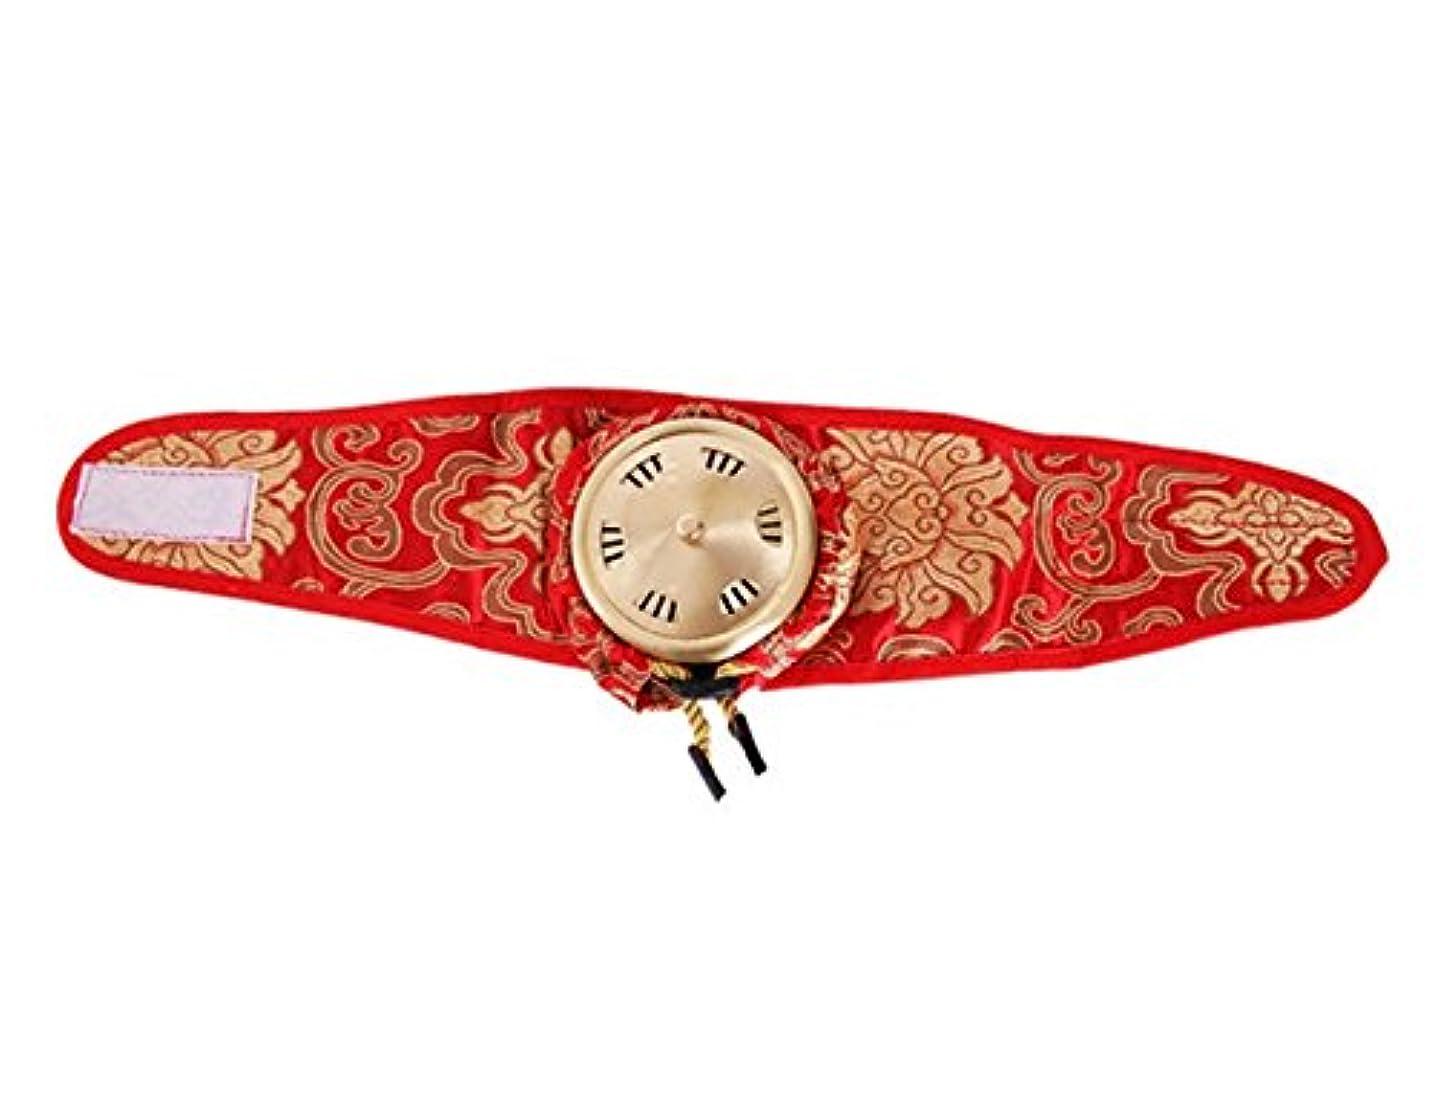 アレンジスワップほめるポータブルシングルリンク純粋な銅サテン布灸マッサージボックス Elitzia ET01